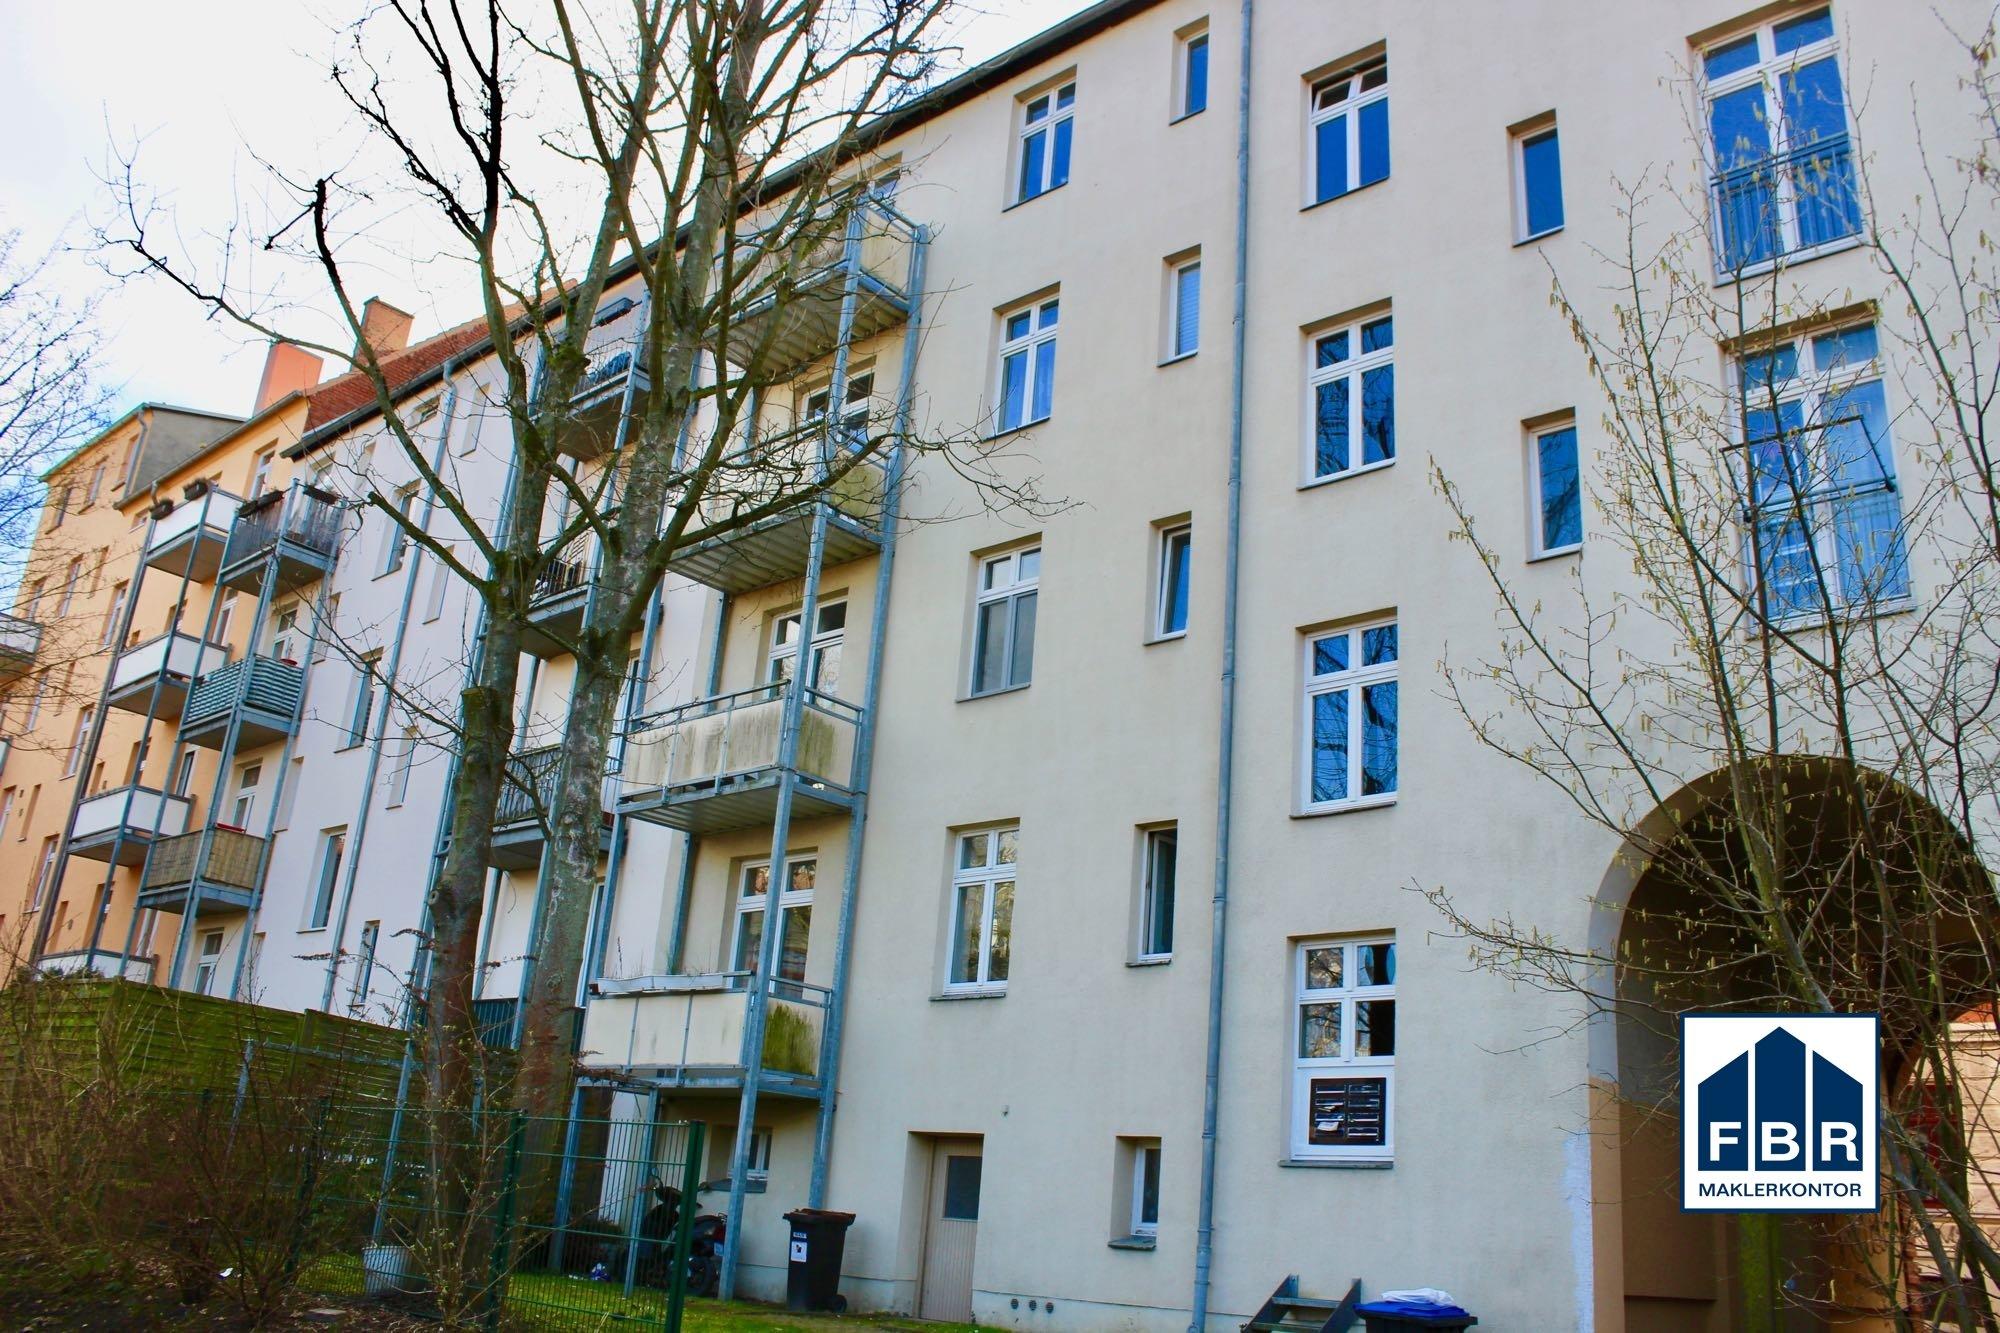 Blick auf das Wohnhaus mit Balkone